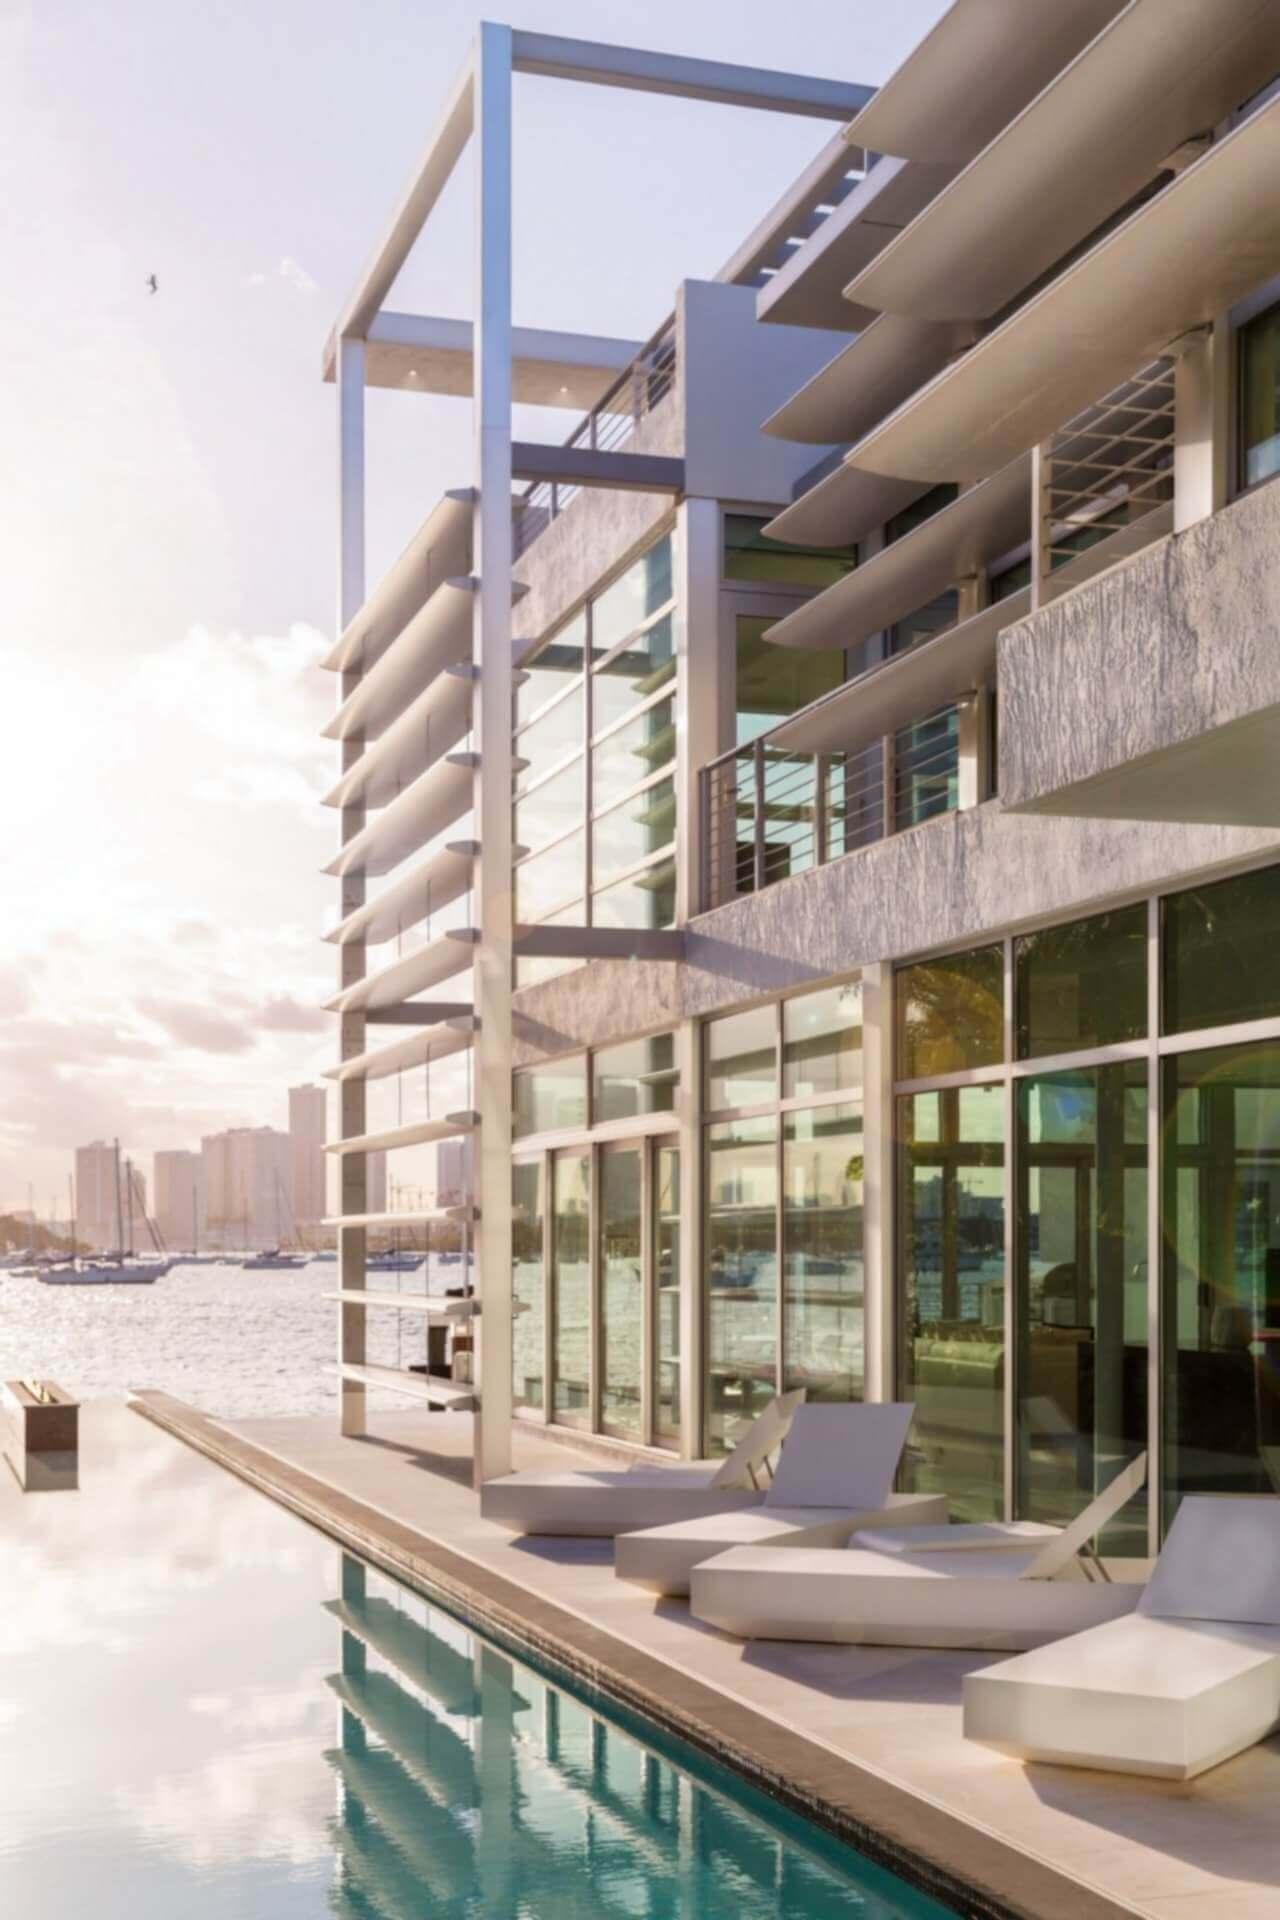 """Продажба и наем на недвижими имоти - Услуга от начало до край - Втора стъпка """"Преглед на обяви за имоти"""""""